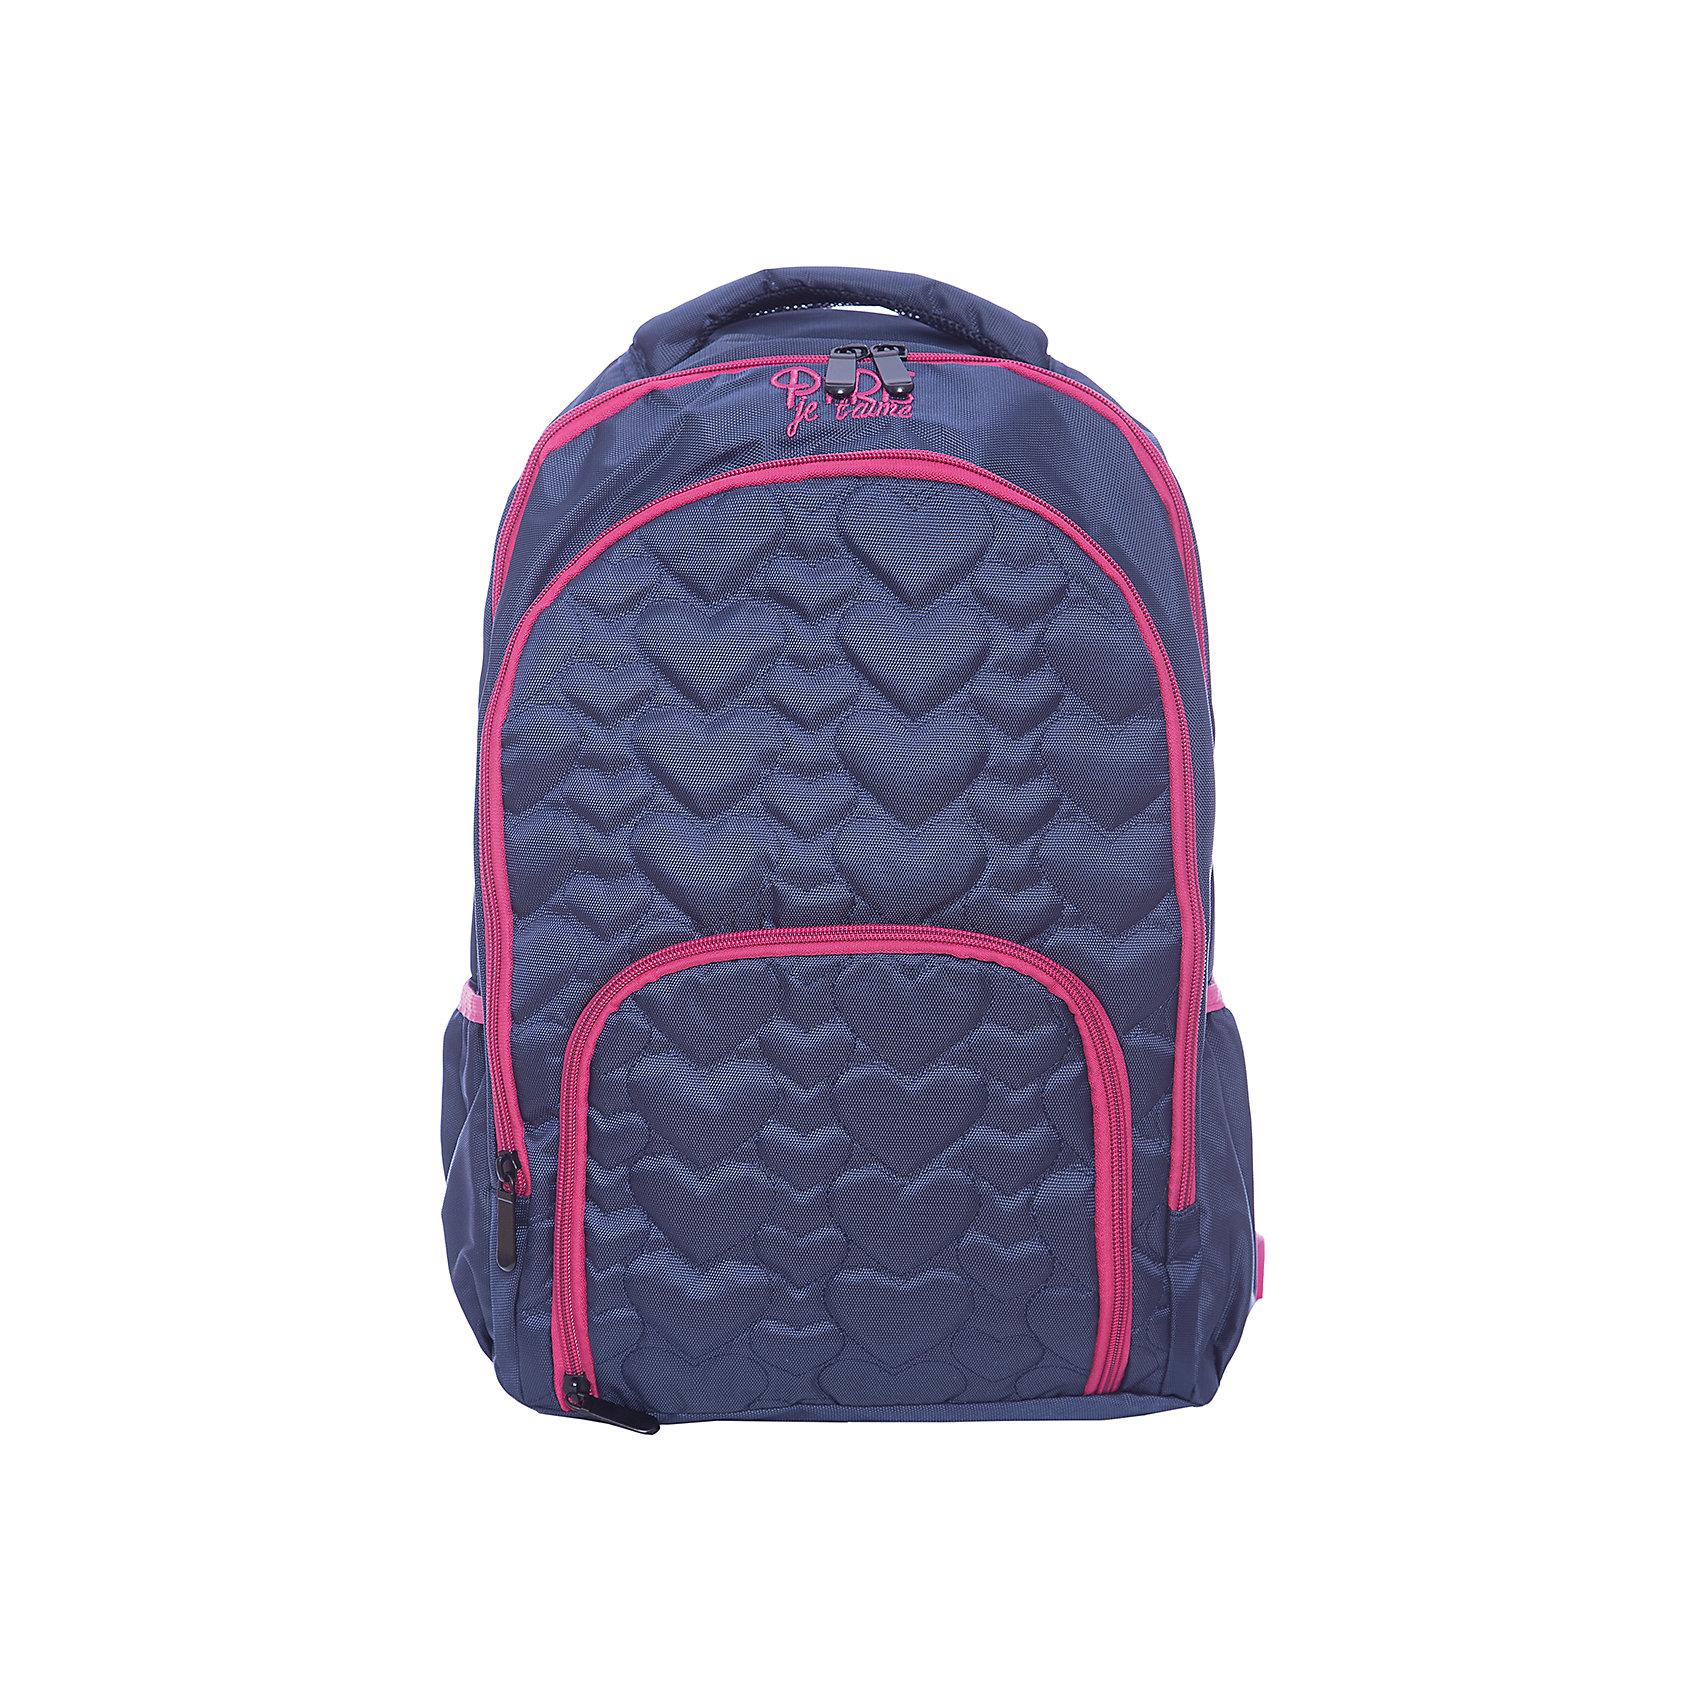 Рюкзак Scool для девочкиРюкзаки<br>Рюкзак Scool для девочки<br>Рюкзак из непромокаемого материала. Наличие эргономичной спинки и уплотненных анатомических лямок делают этот рюкзак удобным для ребенка. Выполнен из прочного безопасного материала.<br>Состав:<br>Верх: 100% полиэстер, подкладка: 100% полиэстер<br><br>Ширина мм: 227<br>Глубина мм: 11<br>Высота мм: 226<br>Вес г: 350<br>Цвет: белый<br>Возраст от месяцев: 96<br>Возраст до месяцев: 168<br>Пол: Женский<br>Возраст: Детский<br>Размер: one size<br>SKU: 7105814